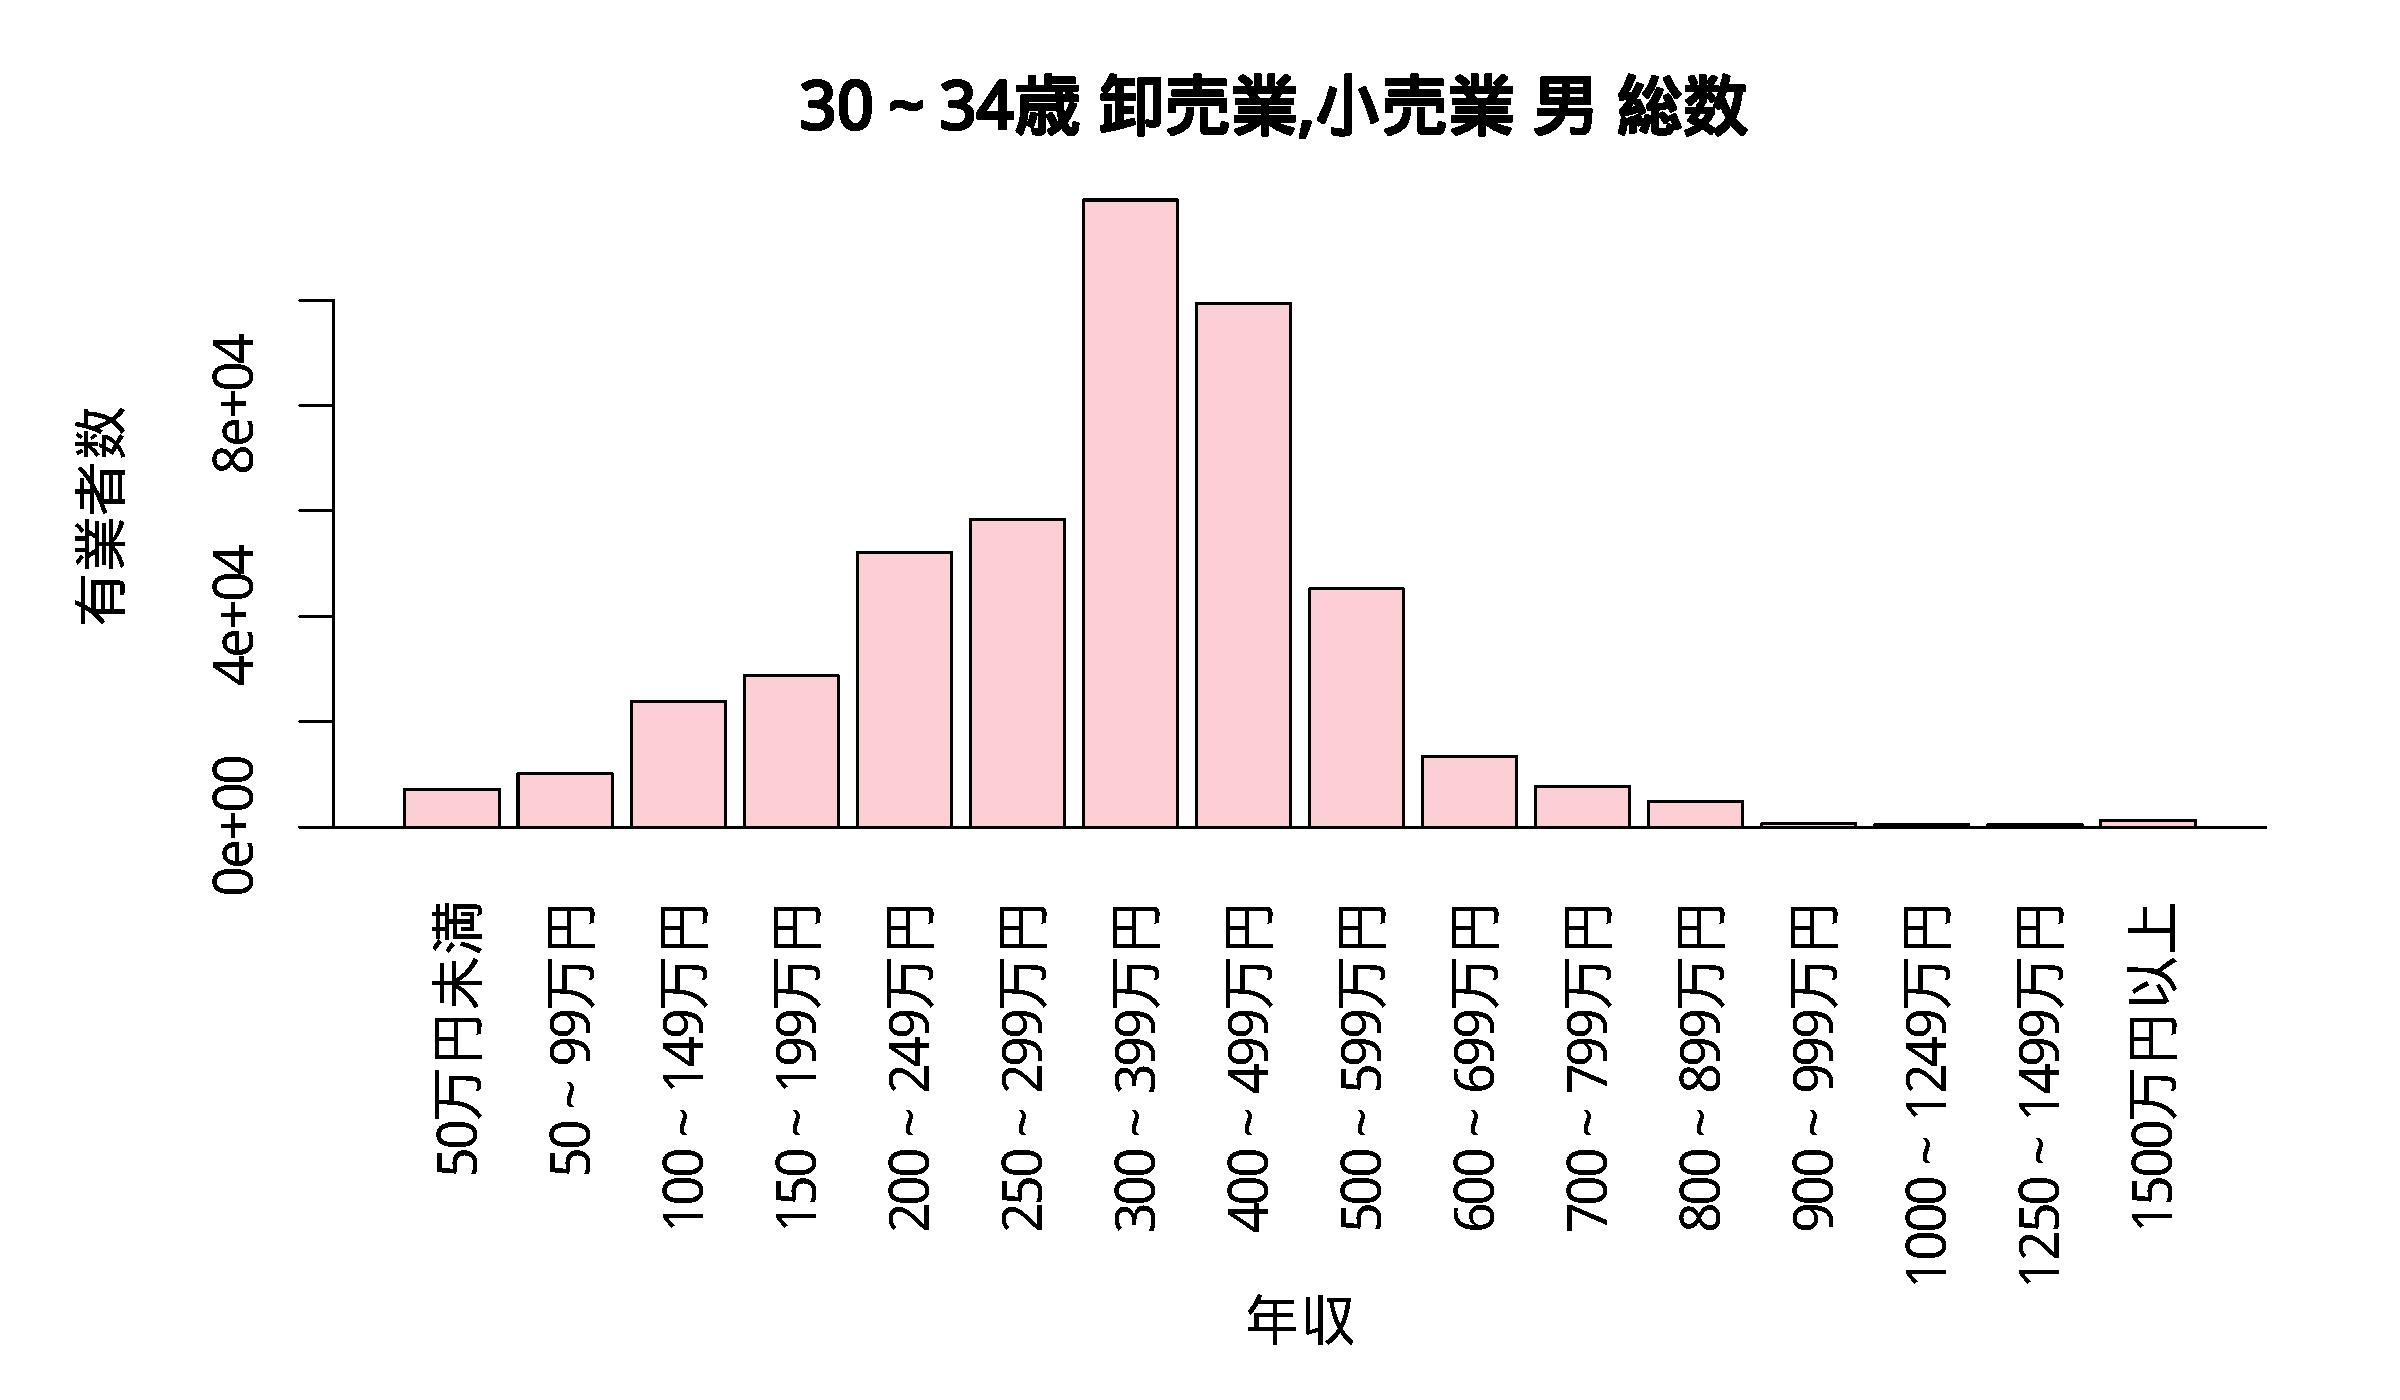 年収分布 30~34歳 卸売業,小売業 男 総数